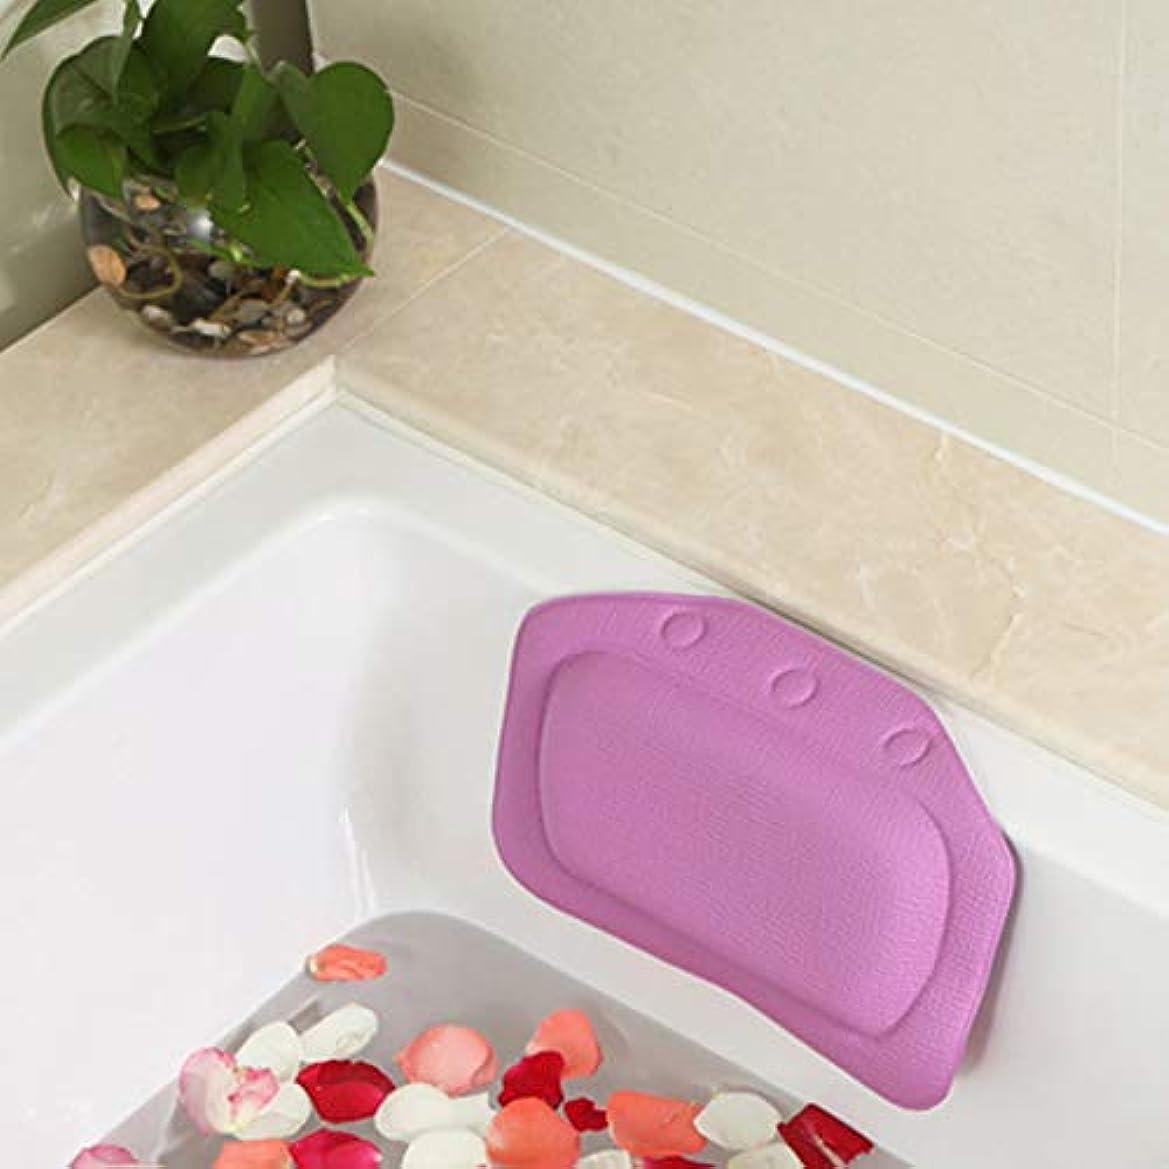 シロナガスクジラポインタ離れて柔らかいpvc発泡スポンジ風呂枕防水ヘッドレストクッション付き浴室シャワー浴槽リラックスアクセサリー,Purple